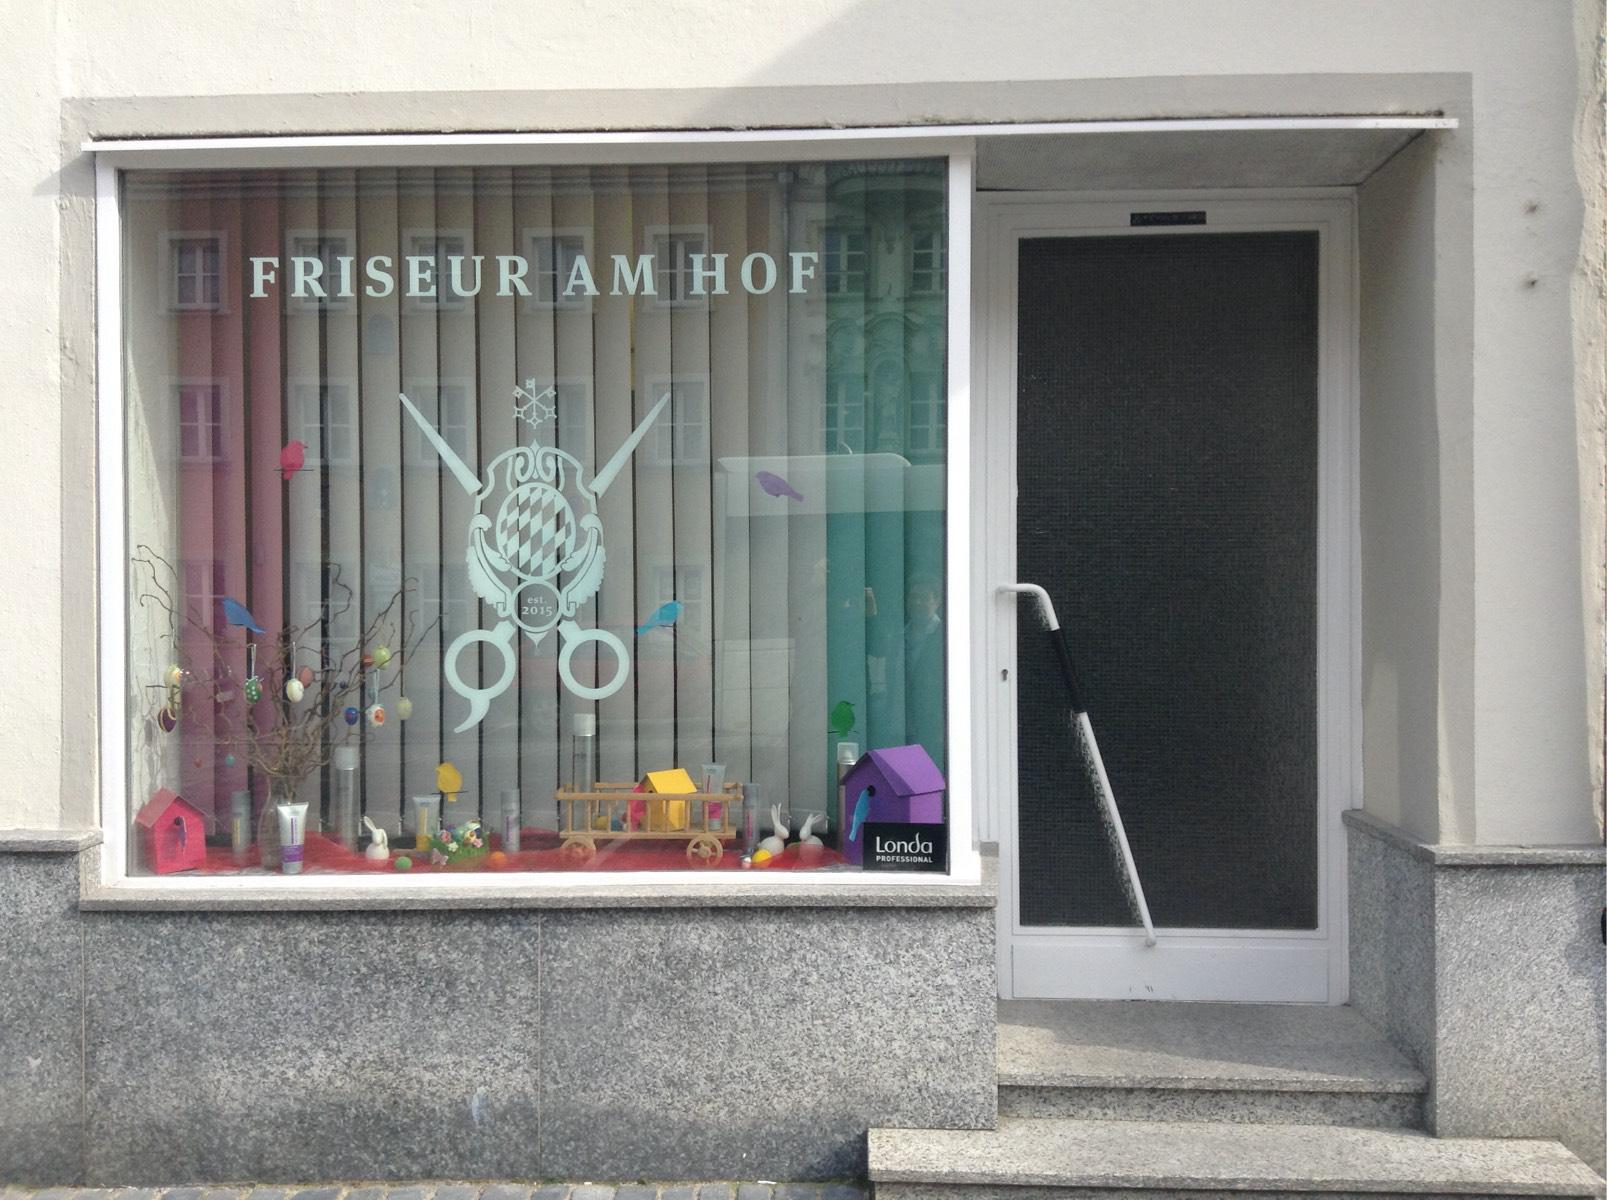 produkte von friseur am hof in regensburg. Black Bedroom Furniture Sets. Home Design Ideas